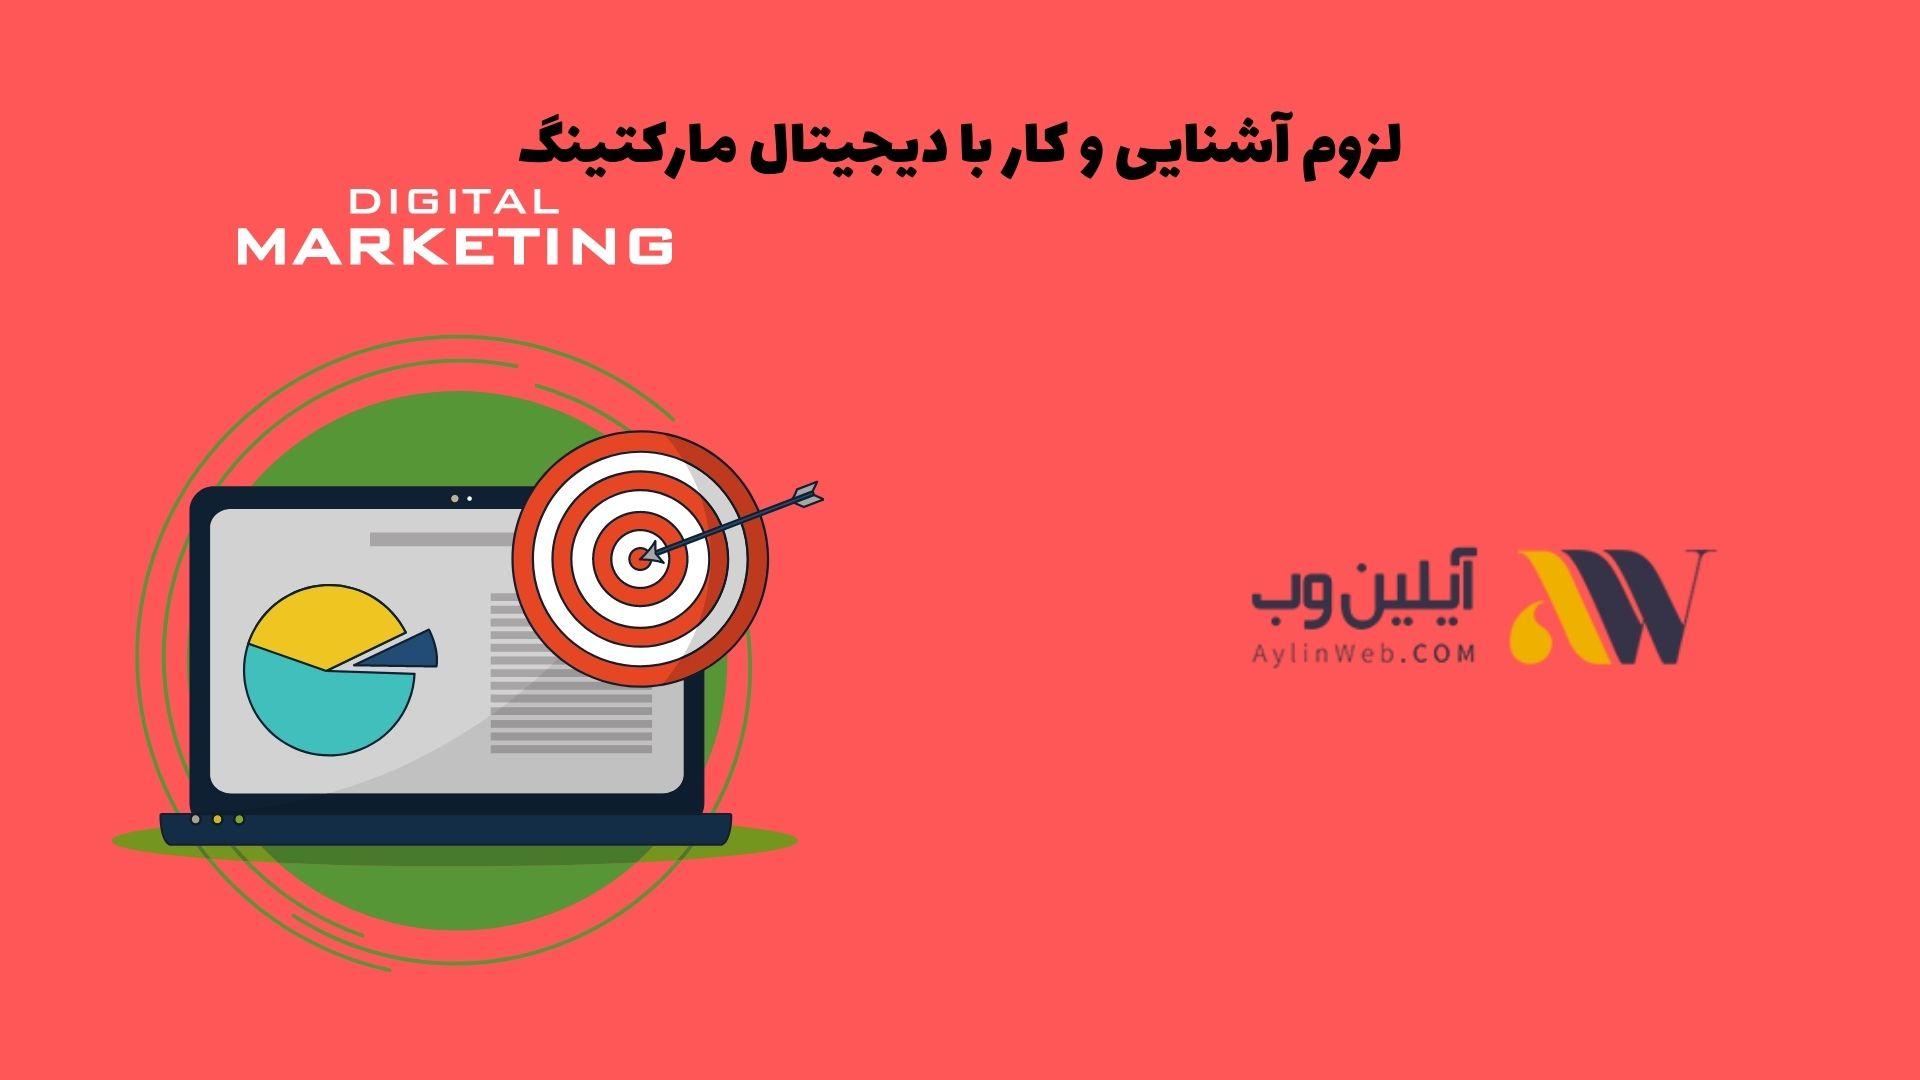 لزوم آشنایی و کار با دیجیتال مارکتینگ